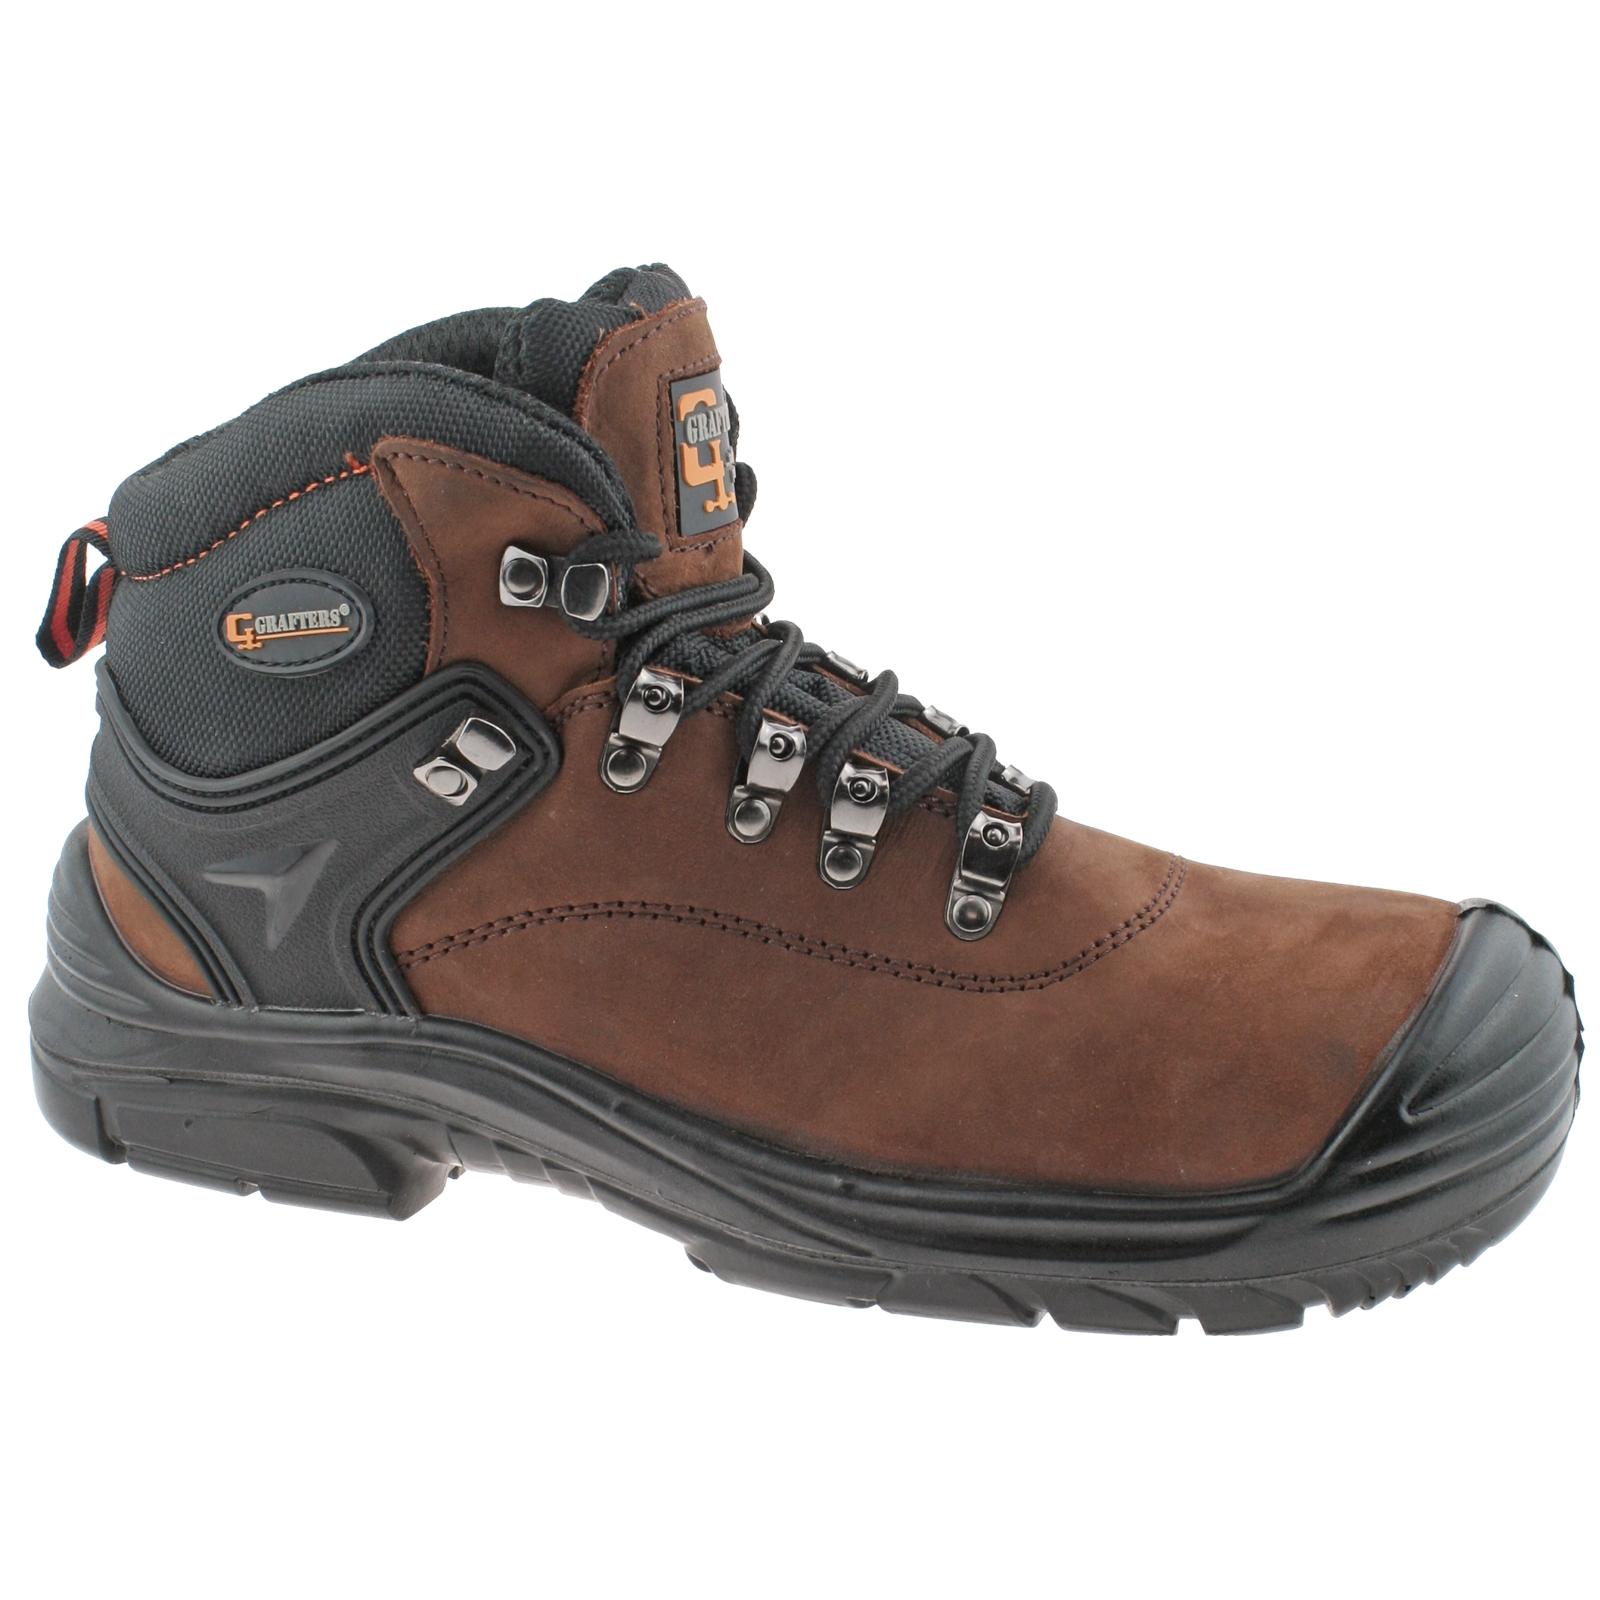 Grafters-Hombre-Cuero-Marron-Impermeable-Corte-Ancho-Cordones-Botas-Seguridad